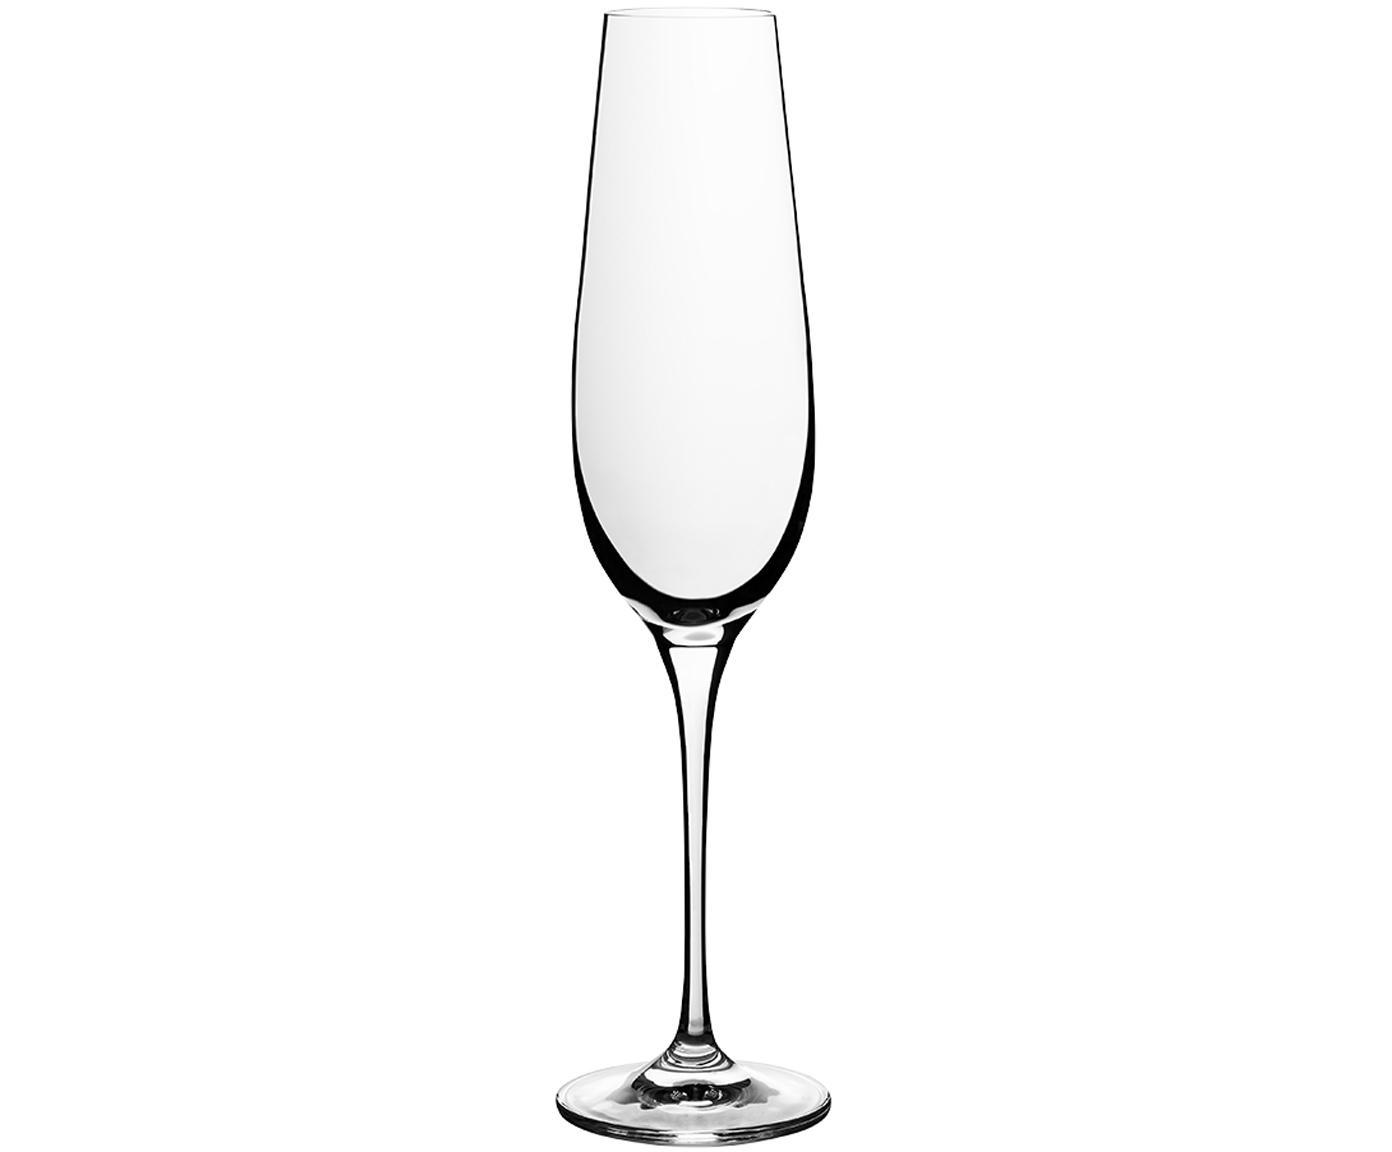 Bicchiere da champagne in cristallo Harmony 6 pz, La lucentezza più preziosa - il vetro di cristallo spezza la luce in entrata particolarmente forte. Il risultato è una scintilla magica che rende ogni champagne un'esperienza davvero speciale, Trasparente, 200 ml